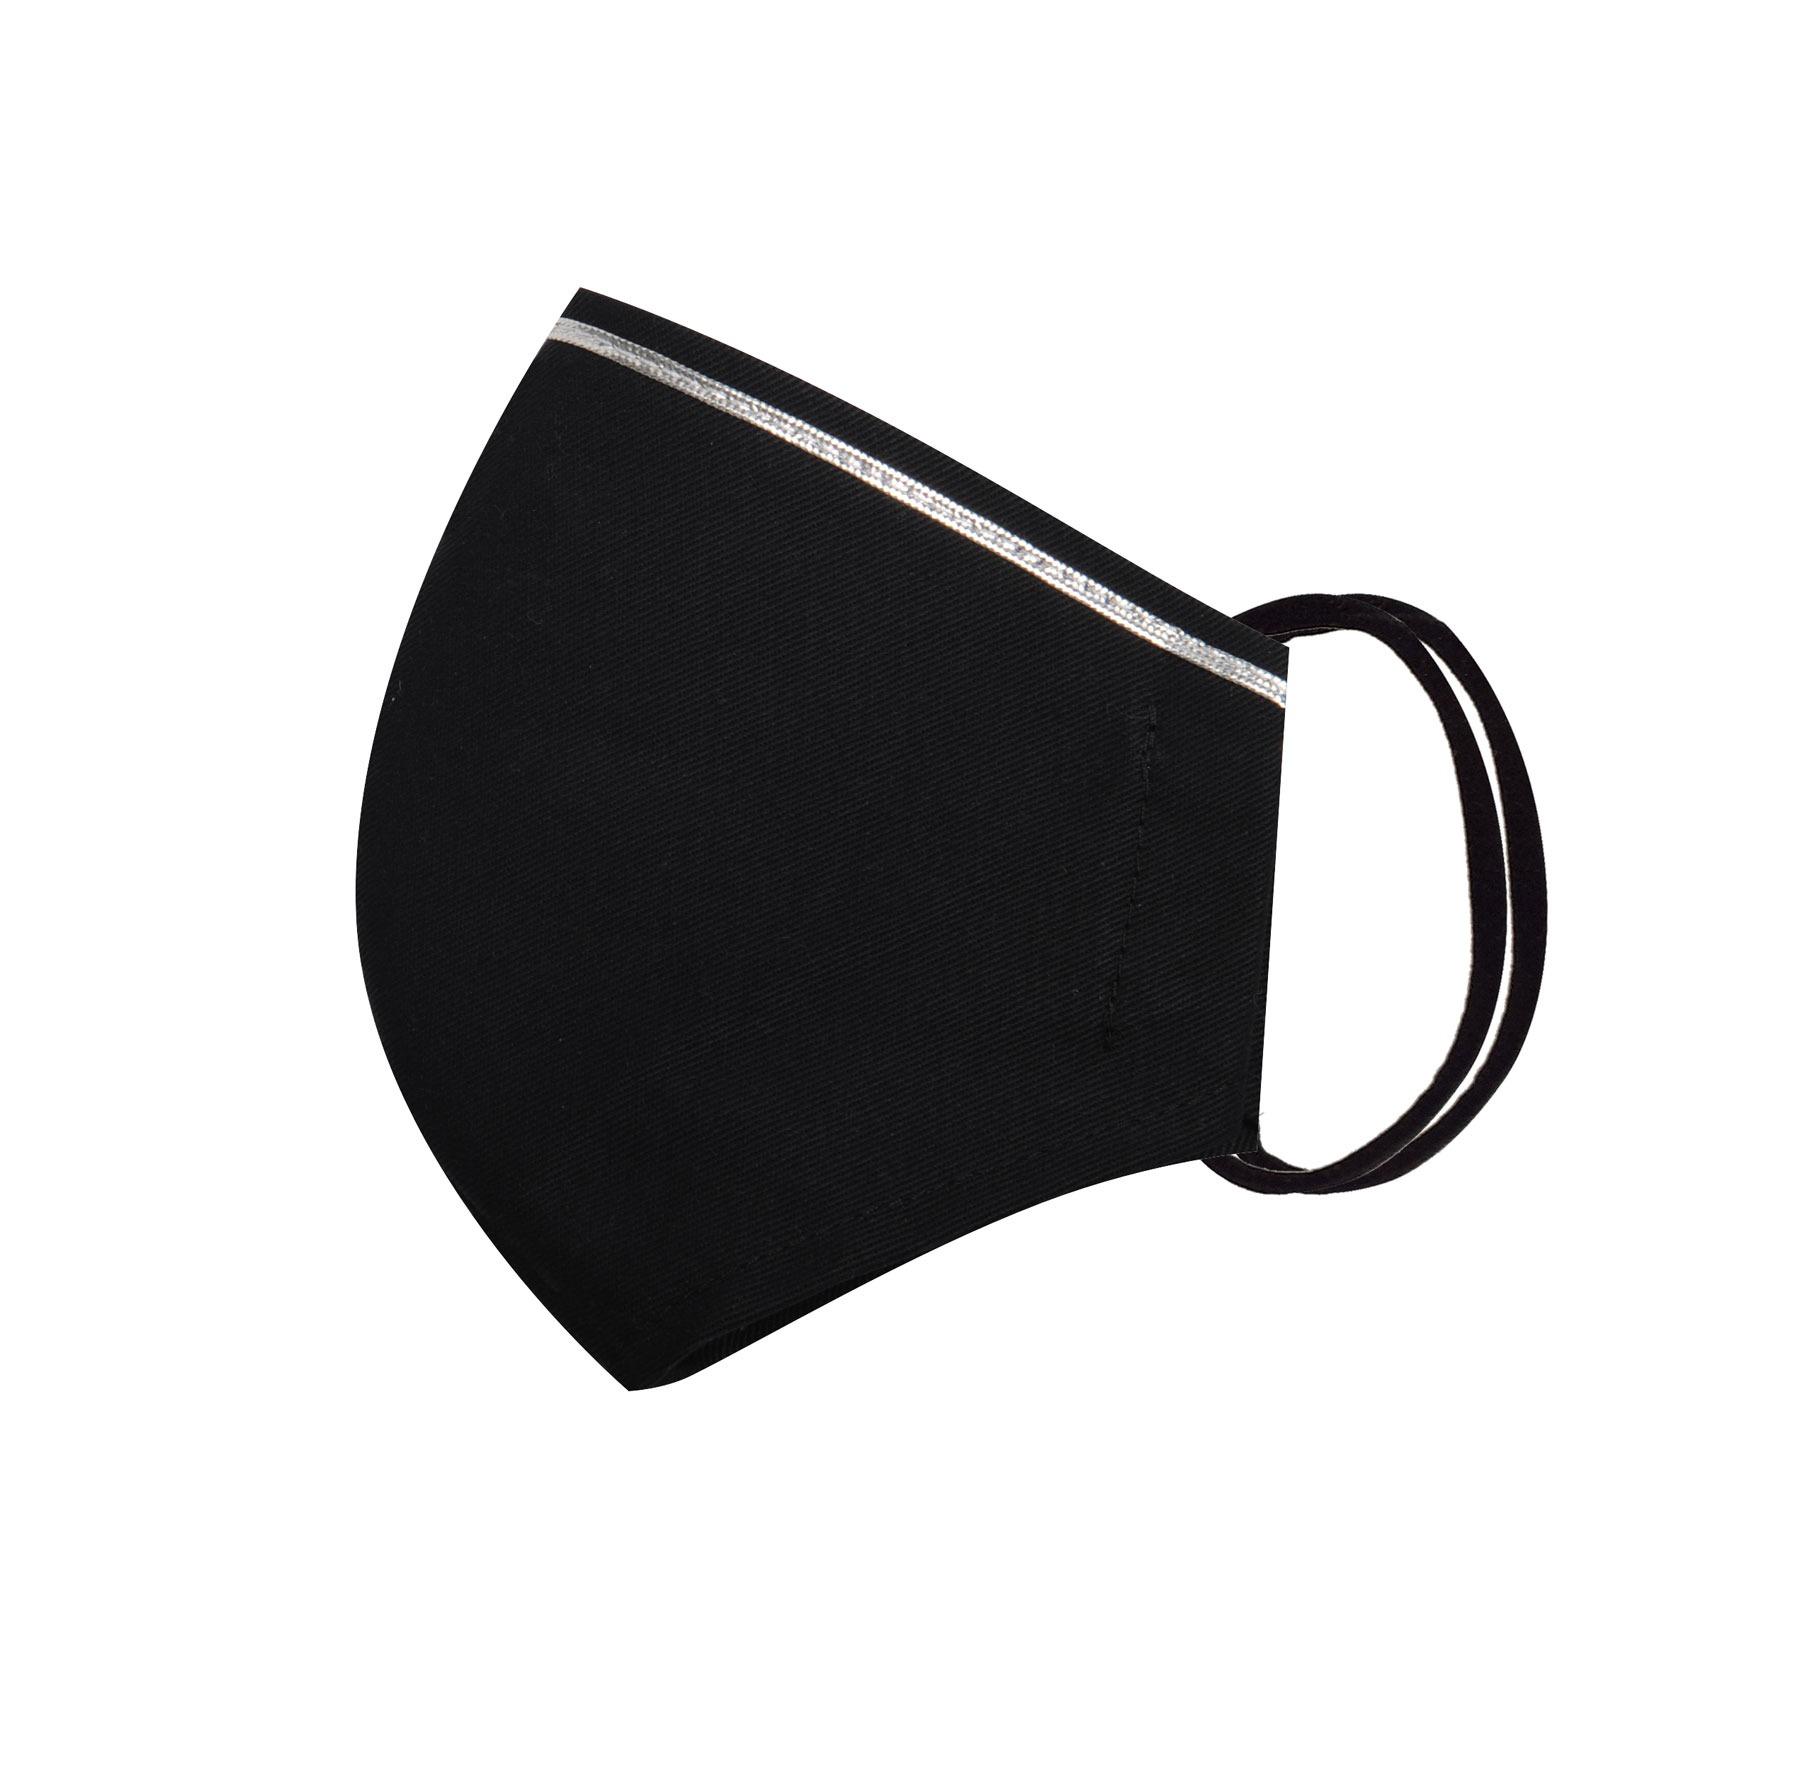 Módní bavlněné ústní roušky tvarované černé se stříbrnou stužkou, třívrstvé s filtrem a s gumičkami dámské